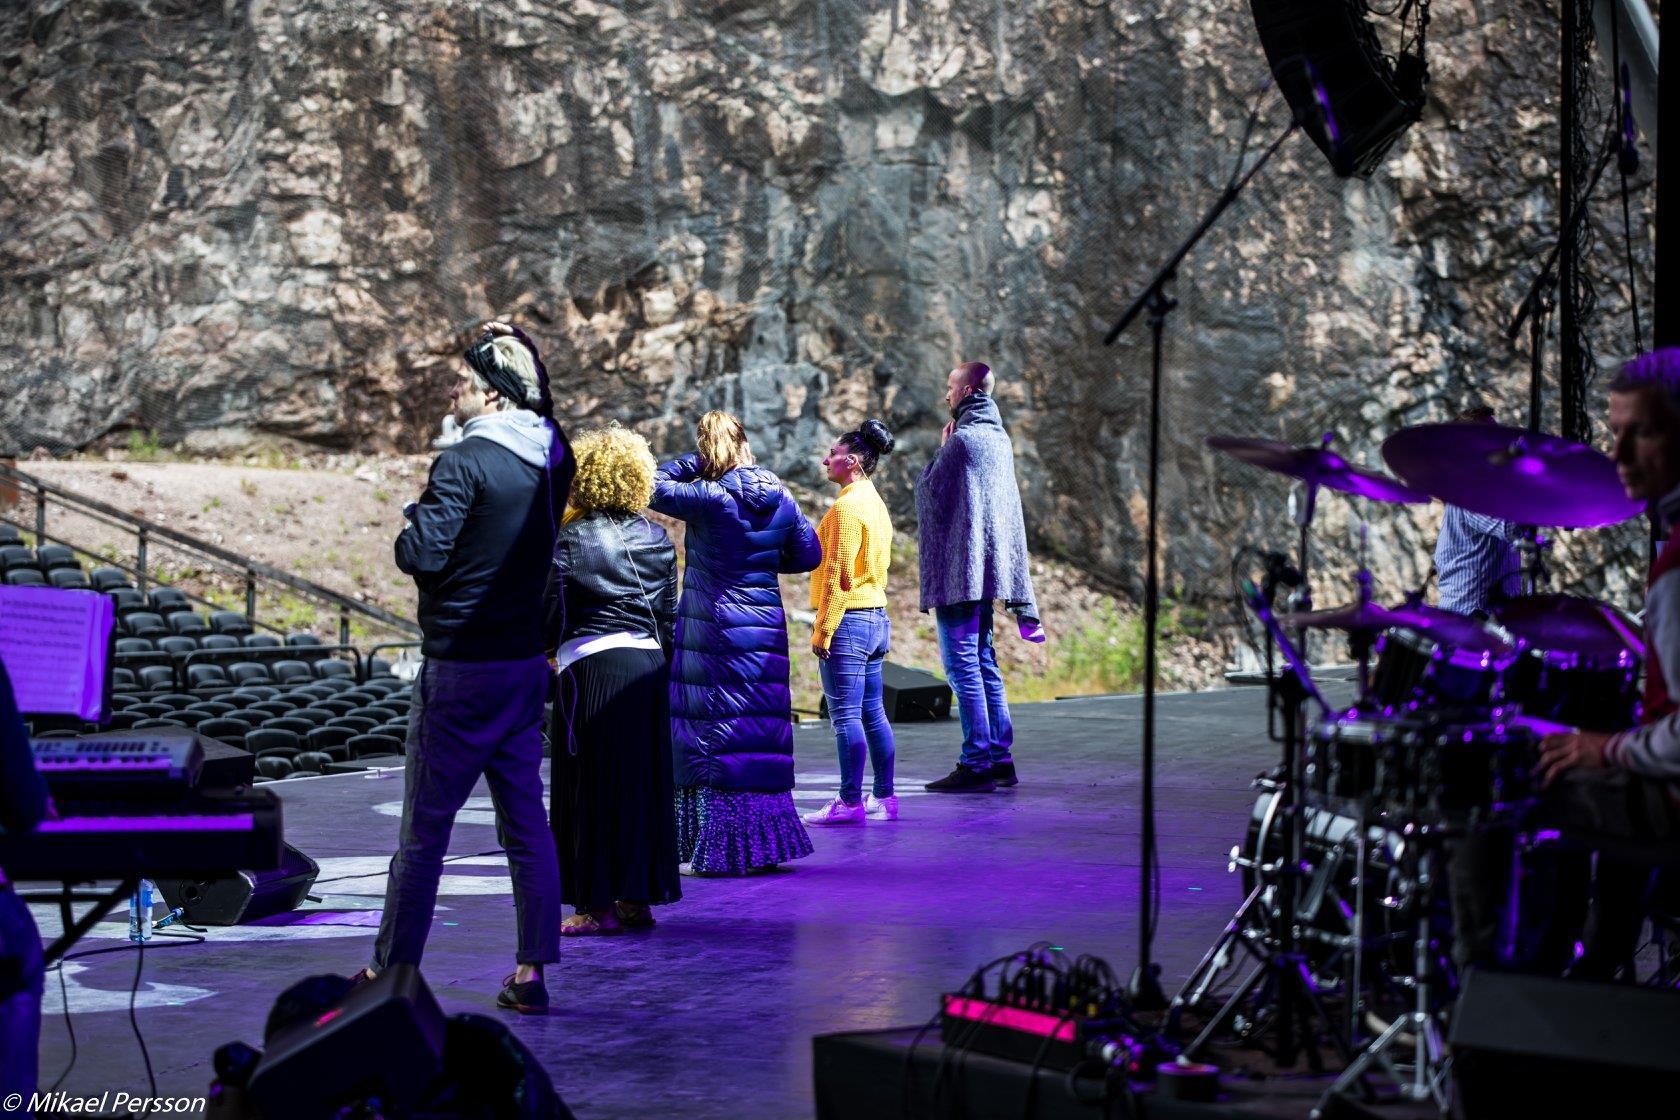 Jakob Stadell, Laila Adèle, Viktoria Tocca, Malena Tuvung och Alexander Lycke repar inför 2019 års konsert på Dalhalla.